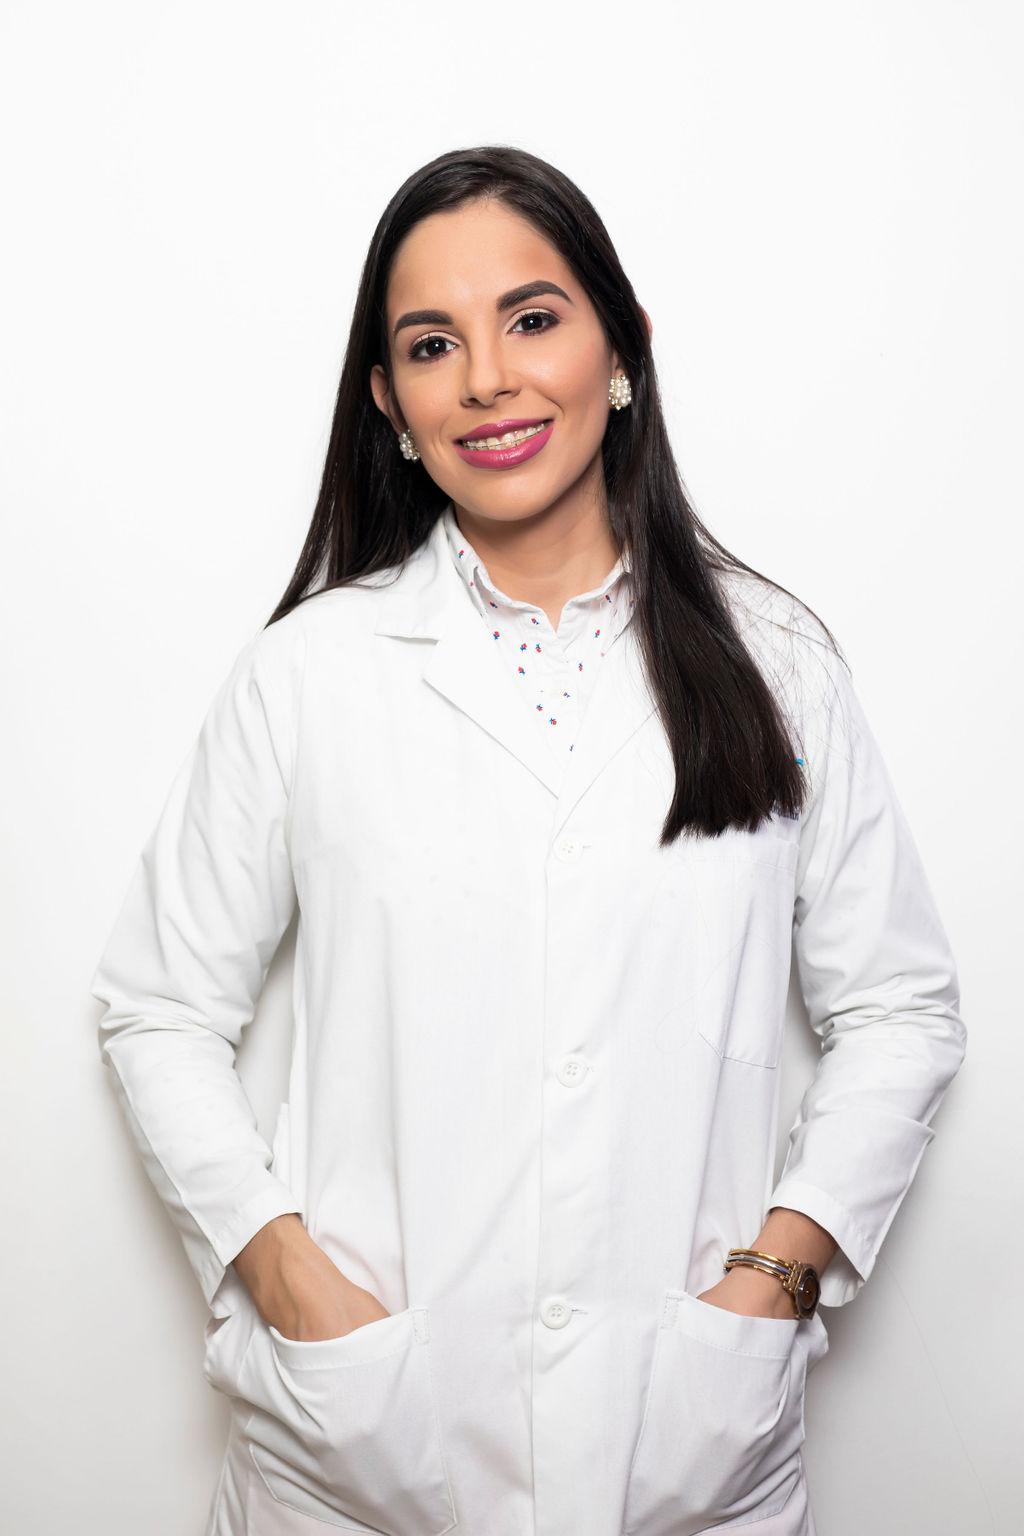 Dra. Solange Rivera